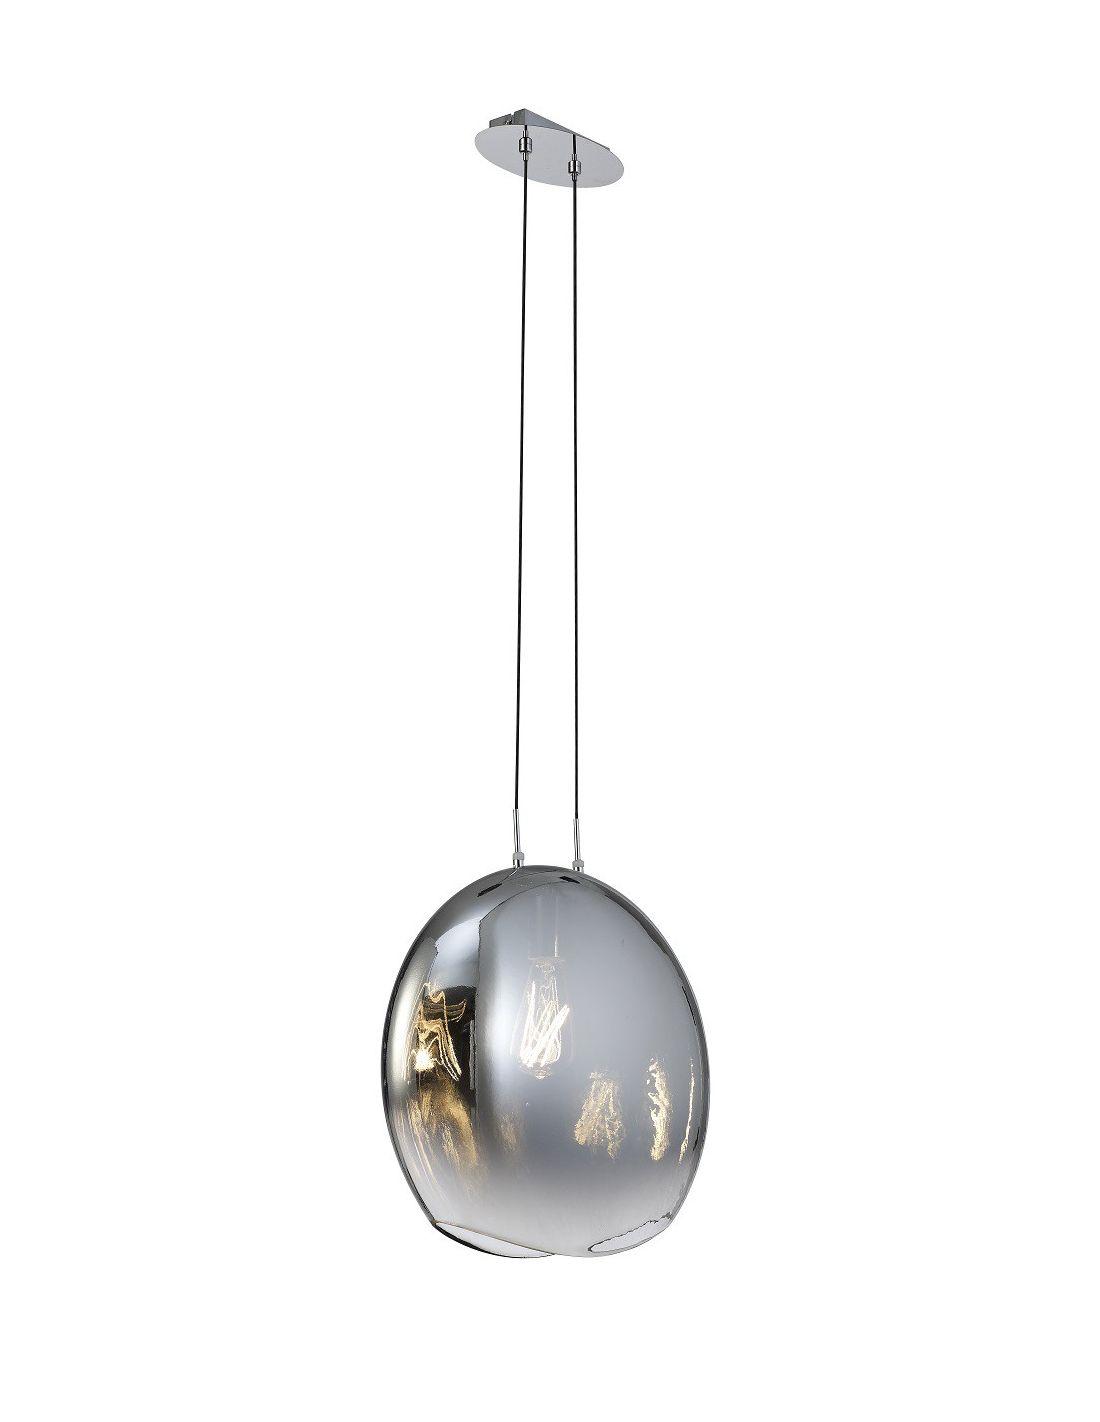 L mpara lens de cristal de mantra precio m nimo env o gratis - Lamparas para techos muy altos ...